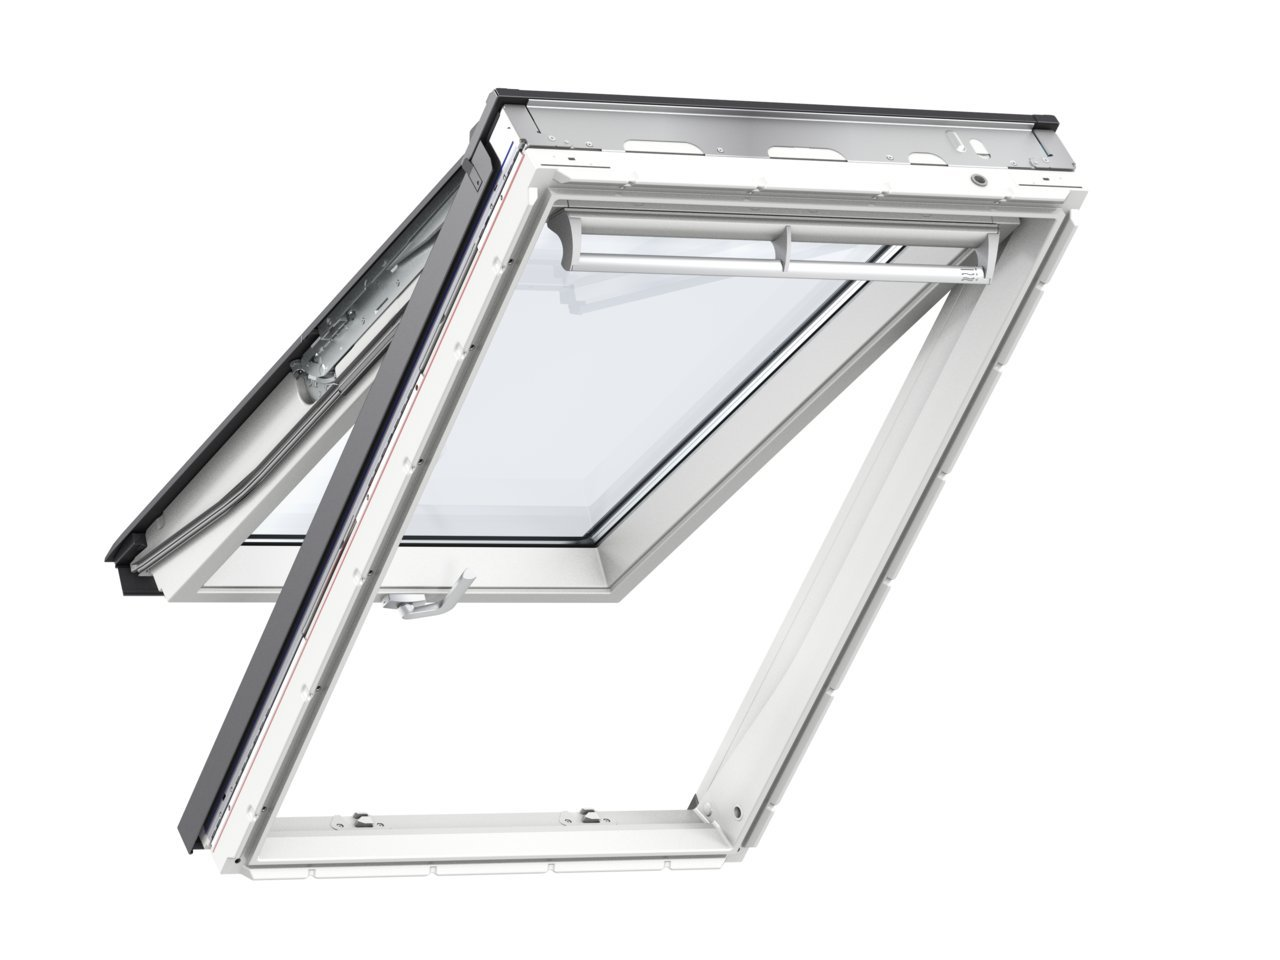 Full Size of Velux Fenster Kaufen Velugpu Klapp Schwingfenster Aus Kunststoff 114 140 Amazon Konfigurator Küche Günstig Zwangsbelüftung Nachrüsten Schüco Flachdach Fenster Velux Fenster Kaufen